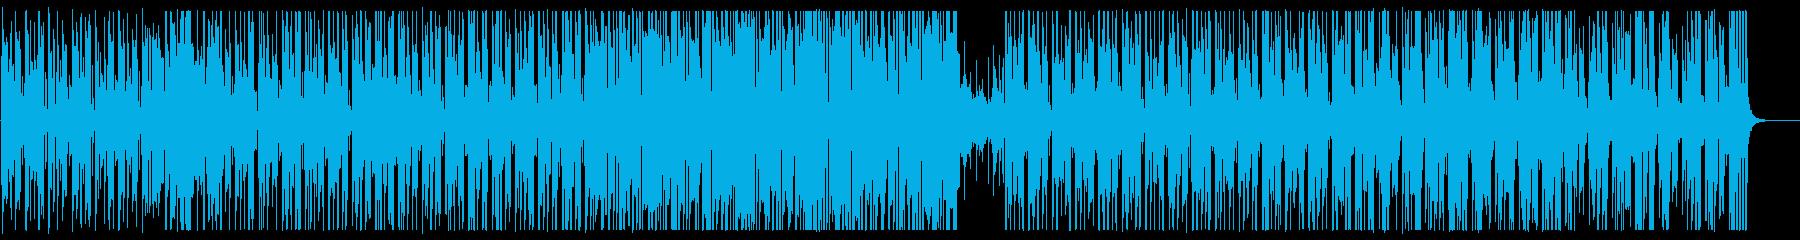 ゆっくりした木琴系のシンセサイザーの曲の再生済みの波形